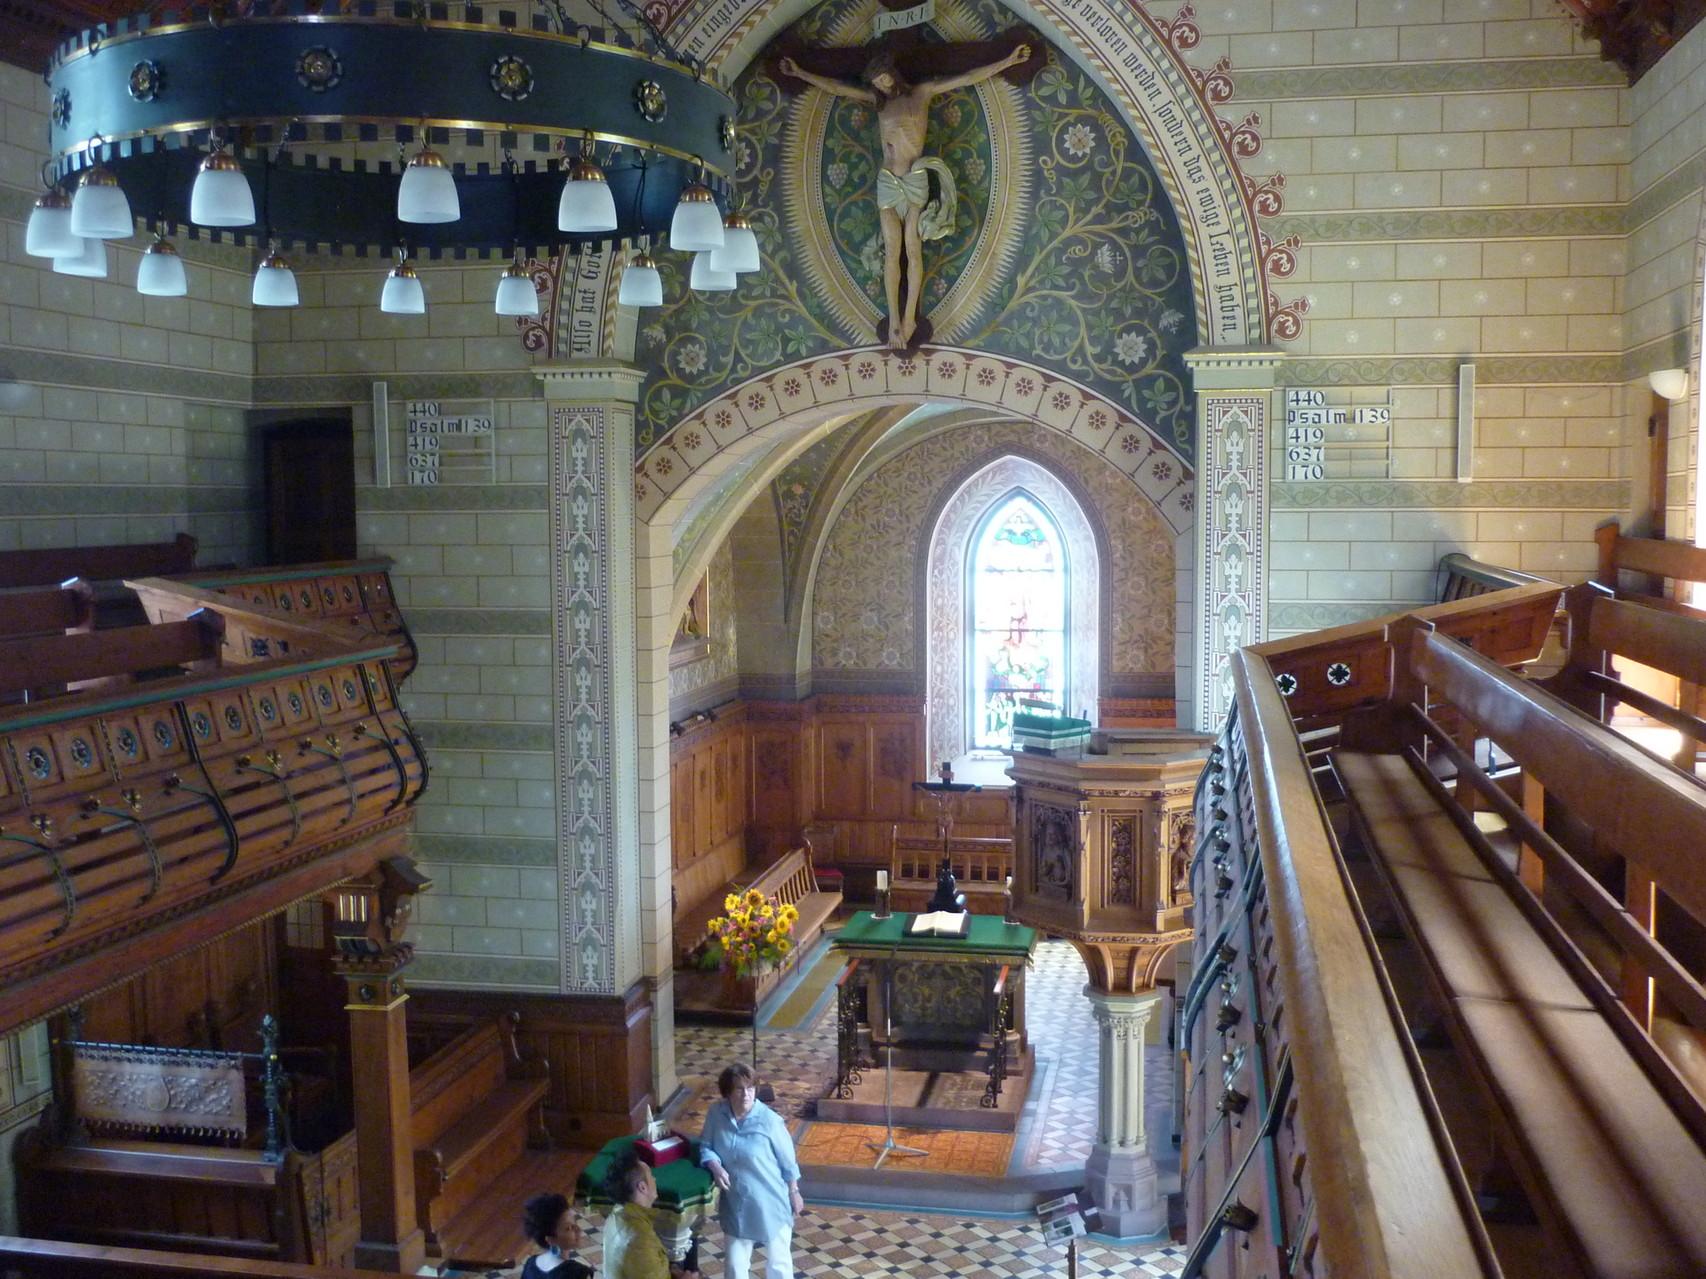 Andreaskirche, Uhlbach (Geschichte: Der Textilfabrikant aus Heslach und die schöne Uhlbacherin)